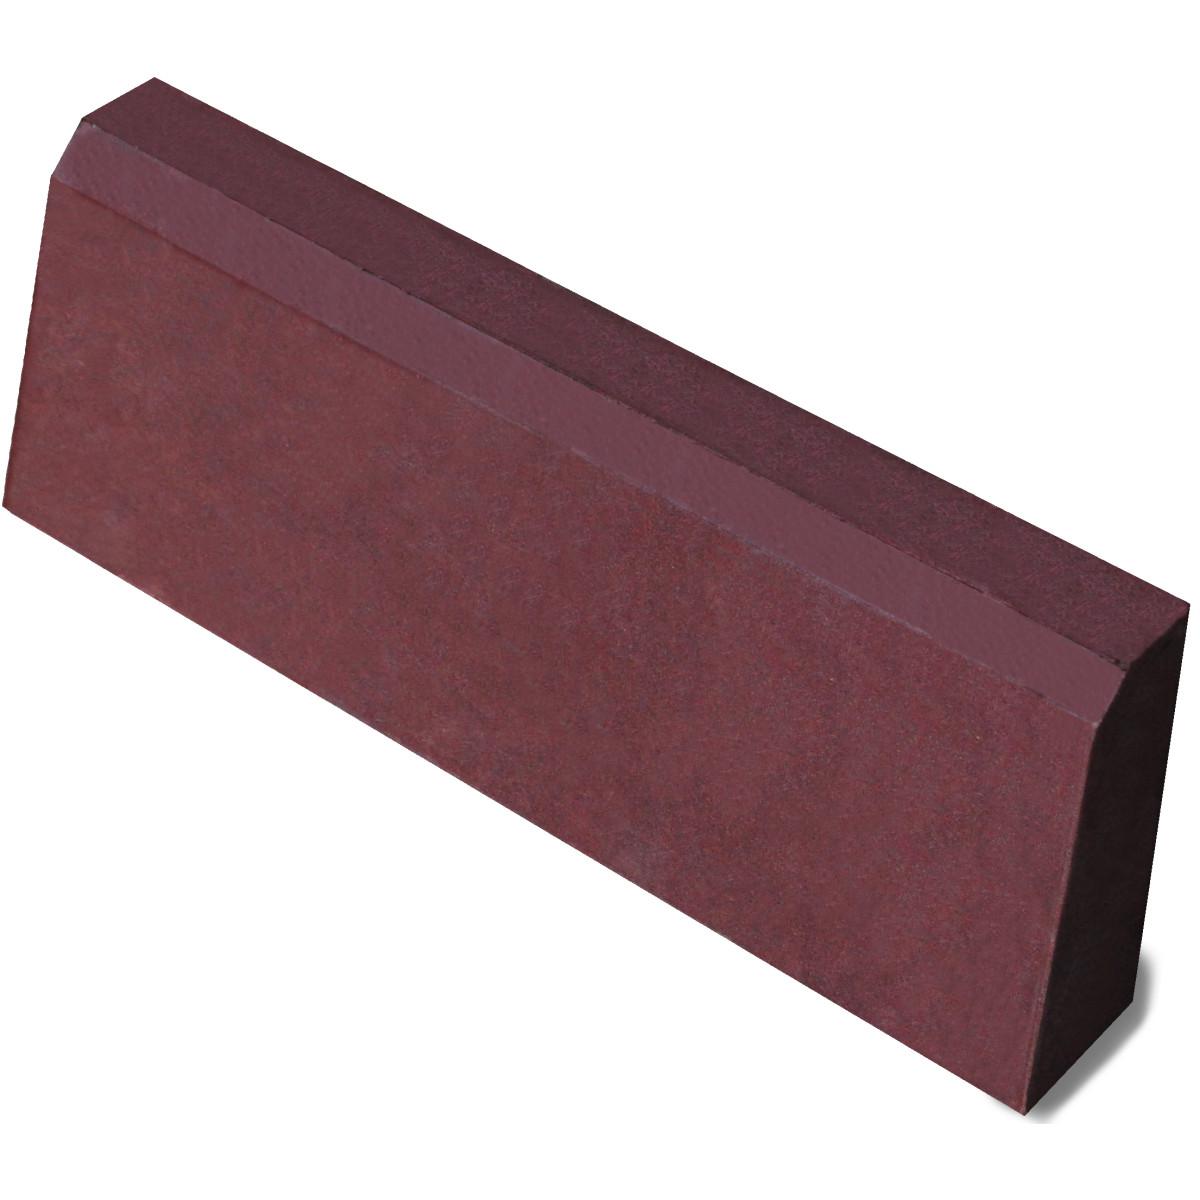 Бордюр тротуарный облегчённый 500x200x40 мм цвет красный